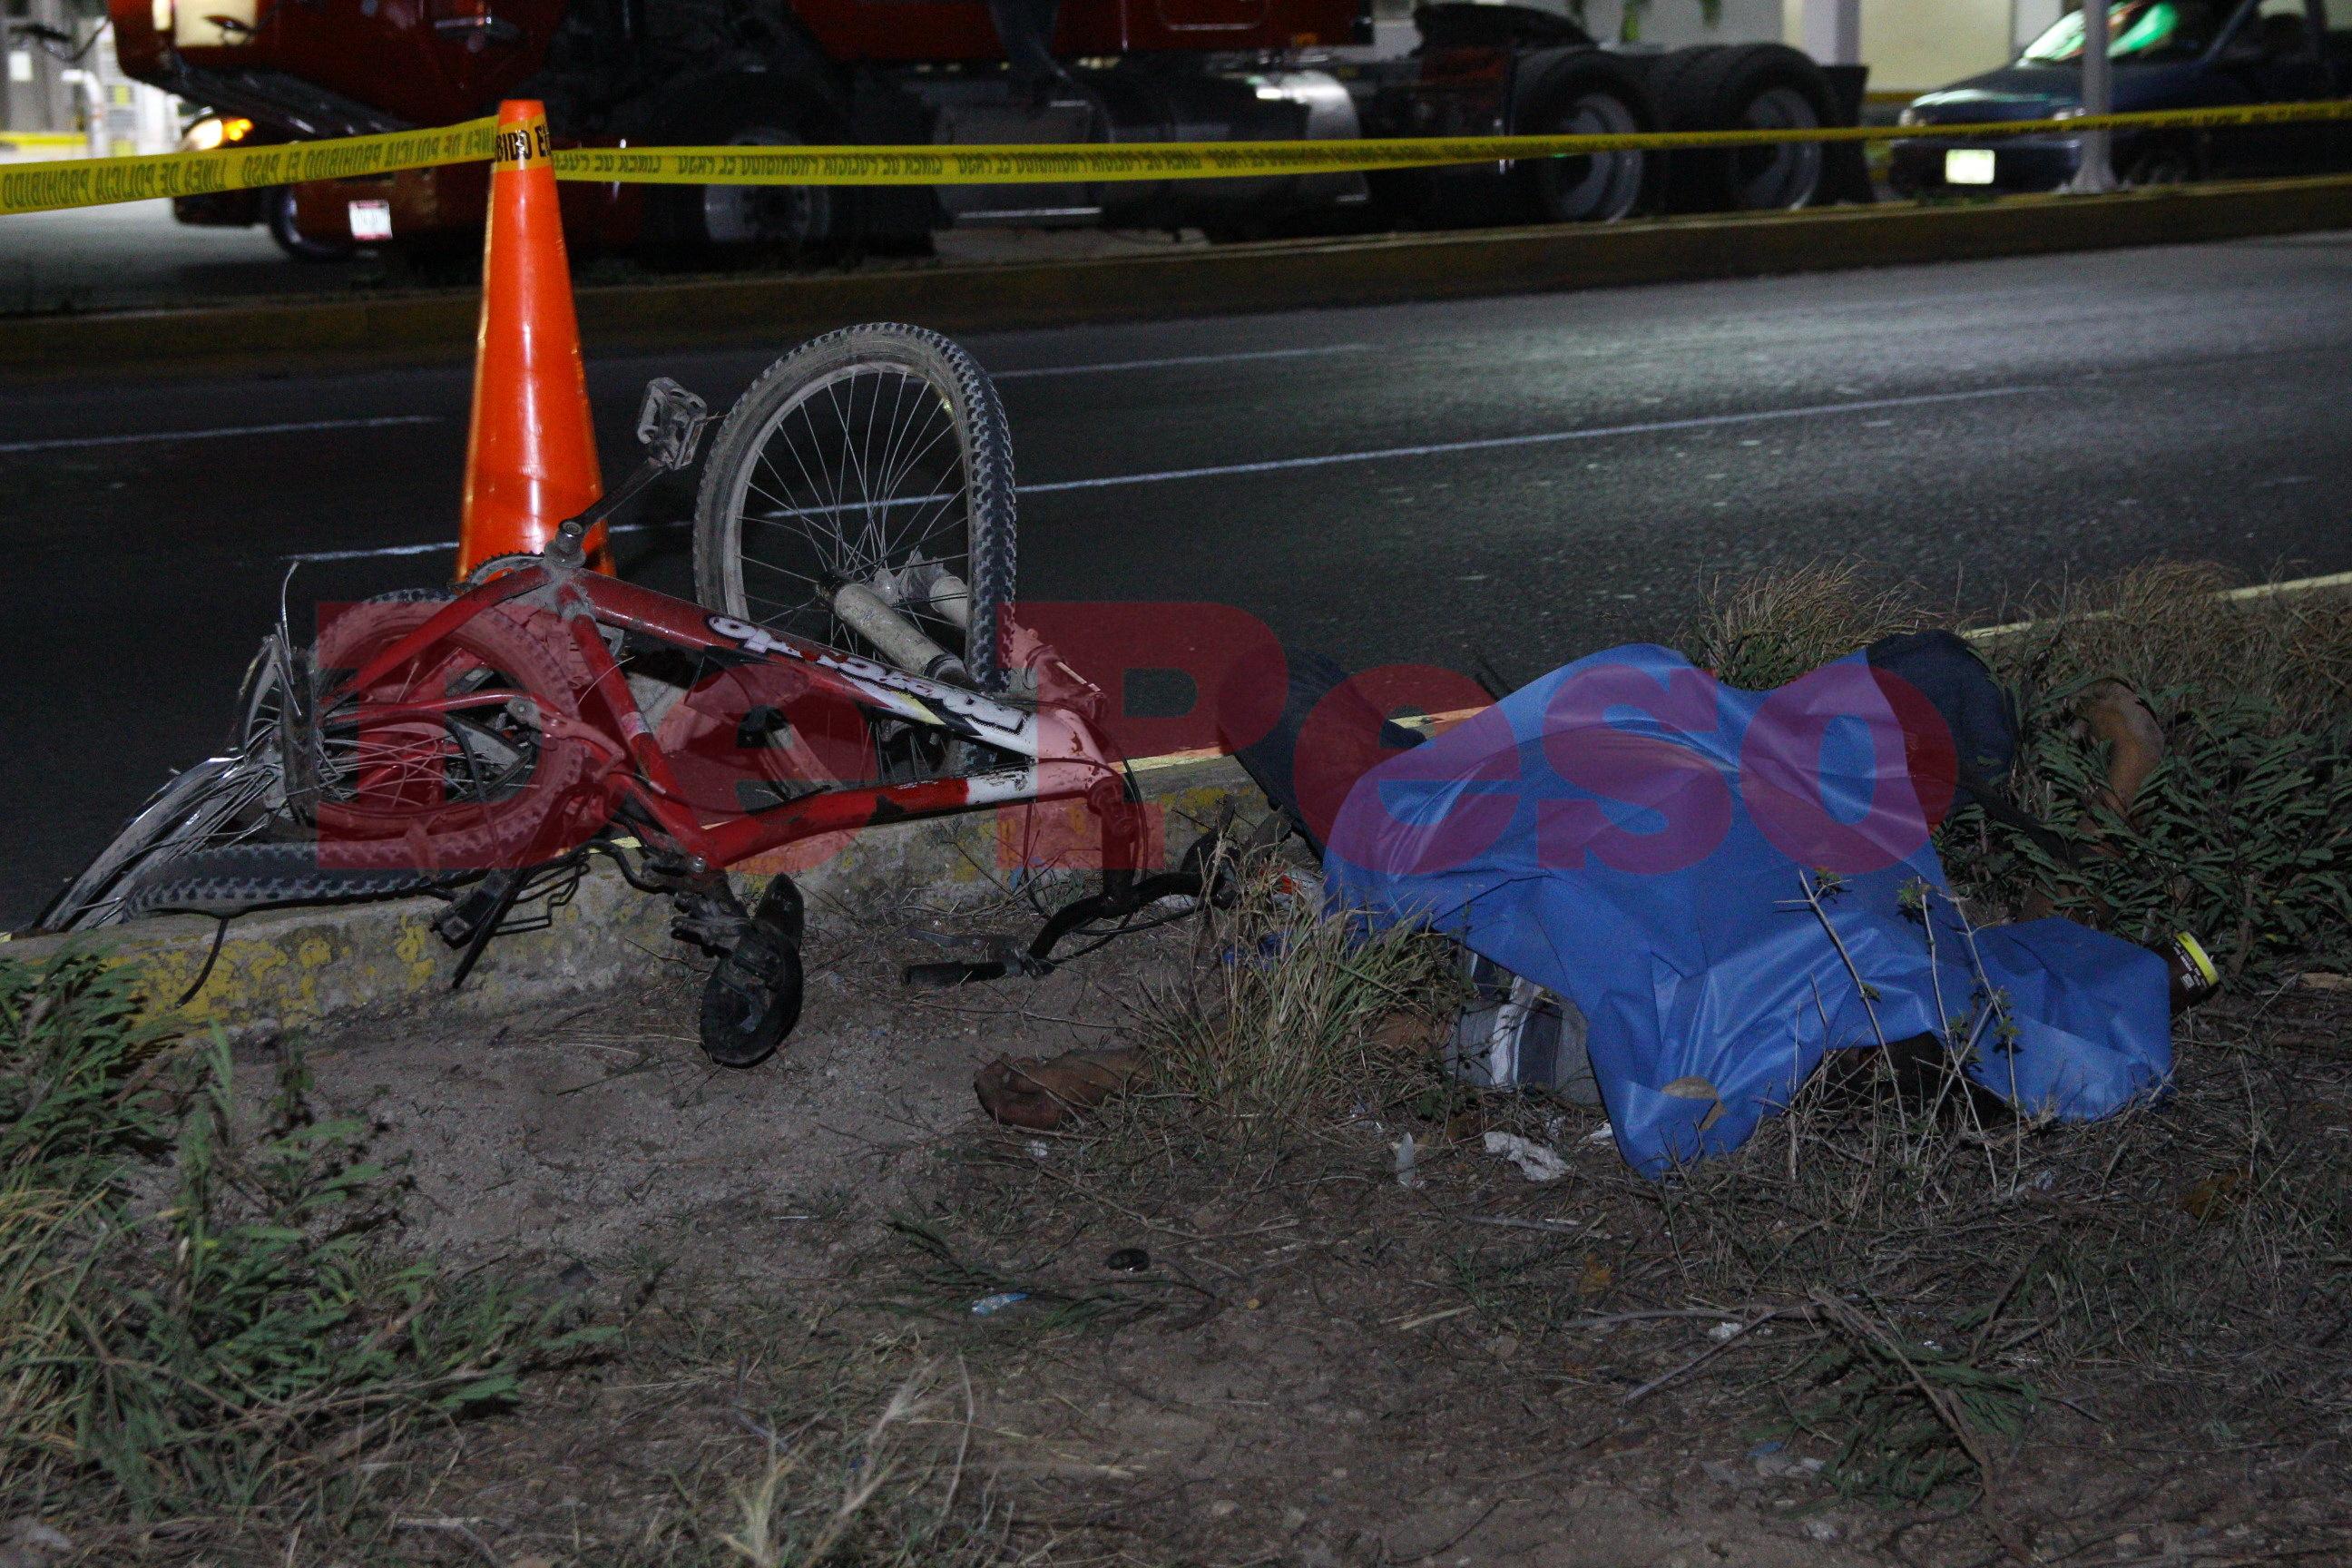 muere ciclista arrollado en carretera Mérida Cancún